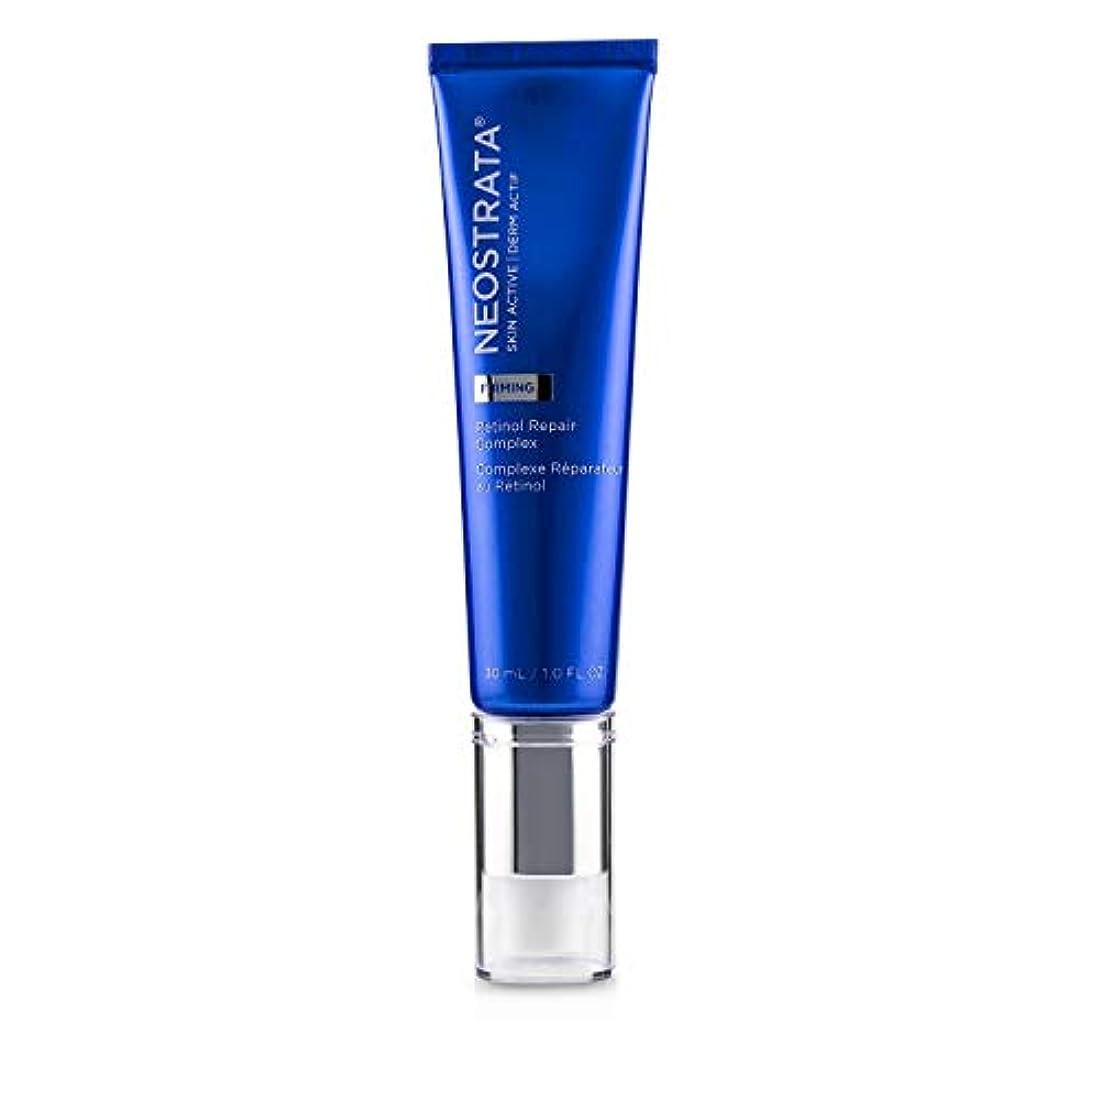 スモッグキャプテンブライリットルネオストラータ Skin Active Derm Actif Firming - Retinol Repair Complex 30ml/1oz並行輸入品